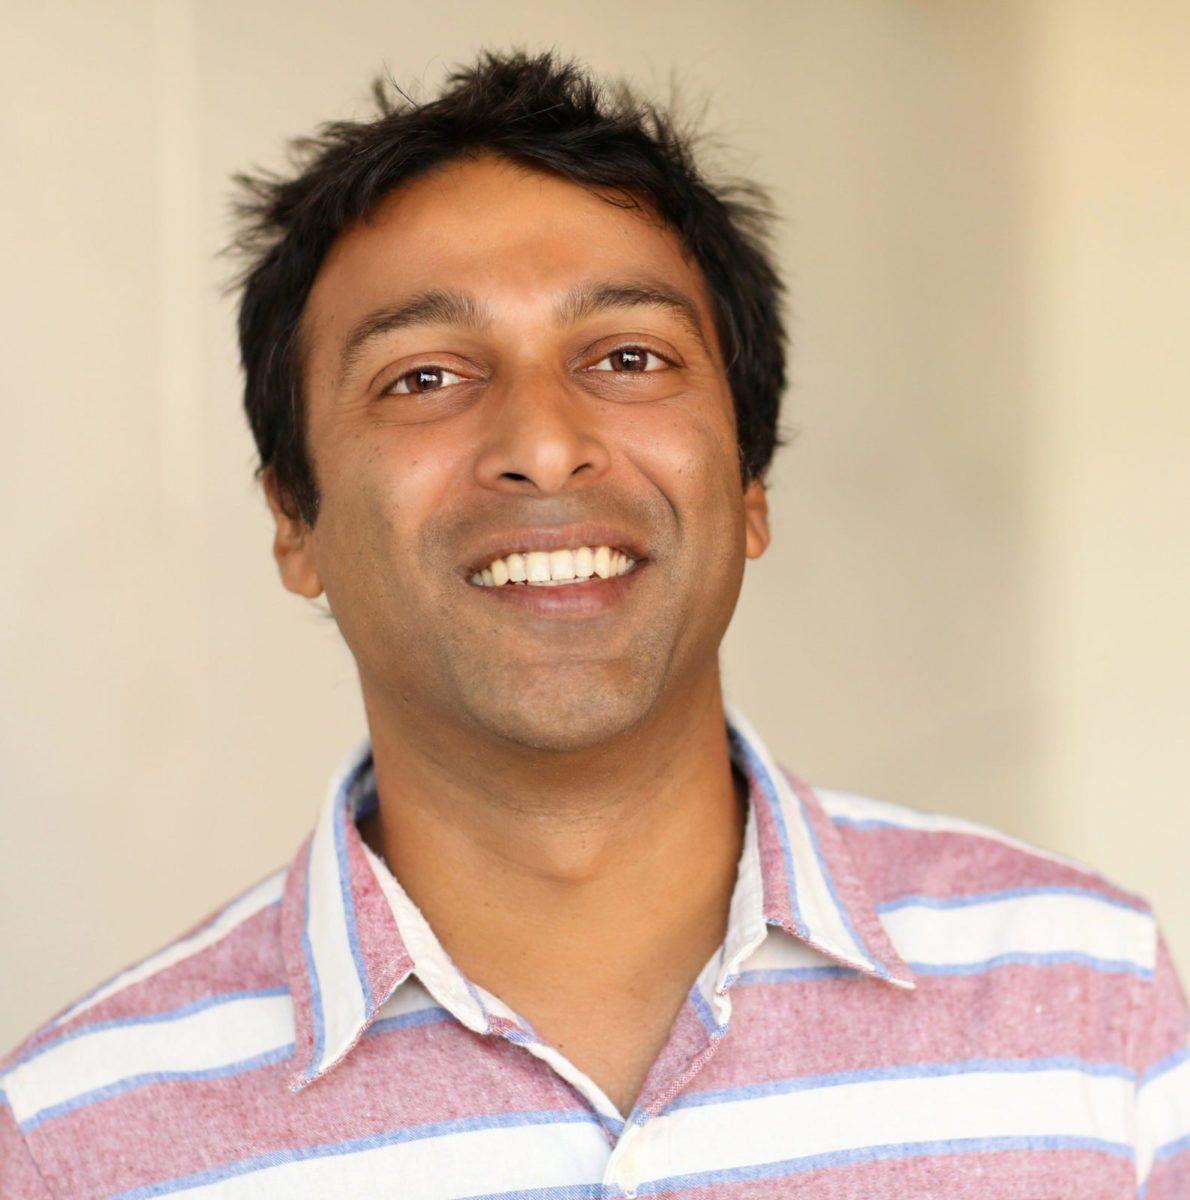 Kaustubha Raghukumar, Ph.D.'s headshot